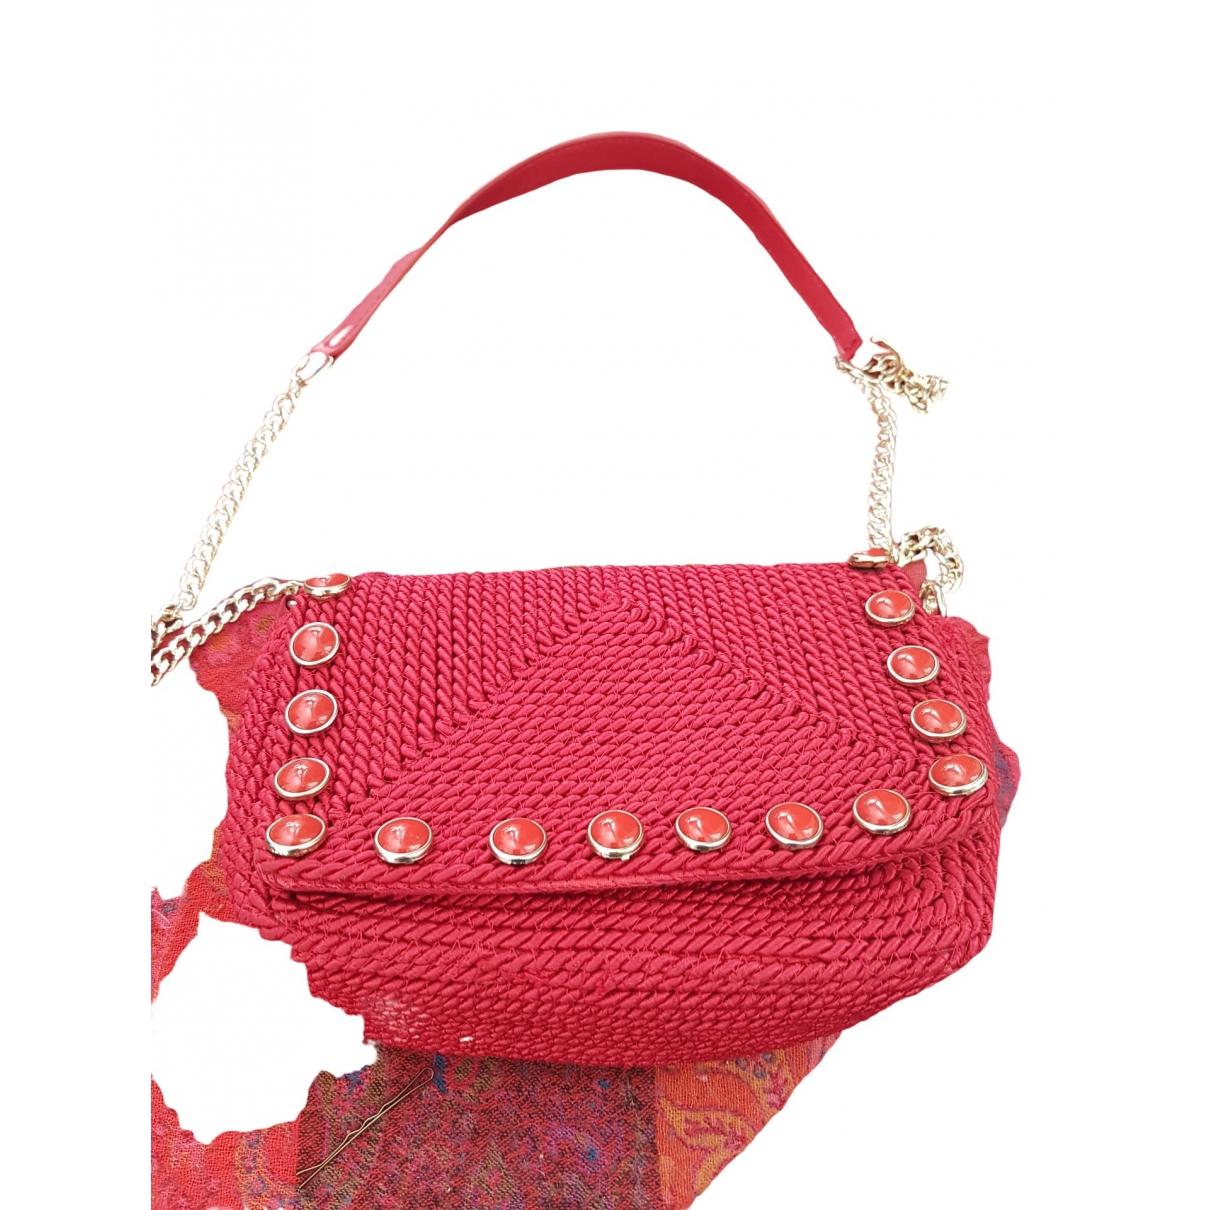 Zara - Sac a main   pour femme en coton - rouge